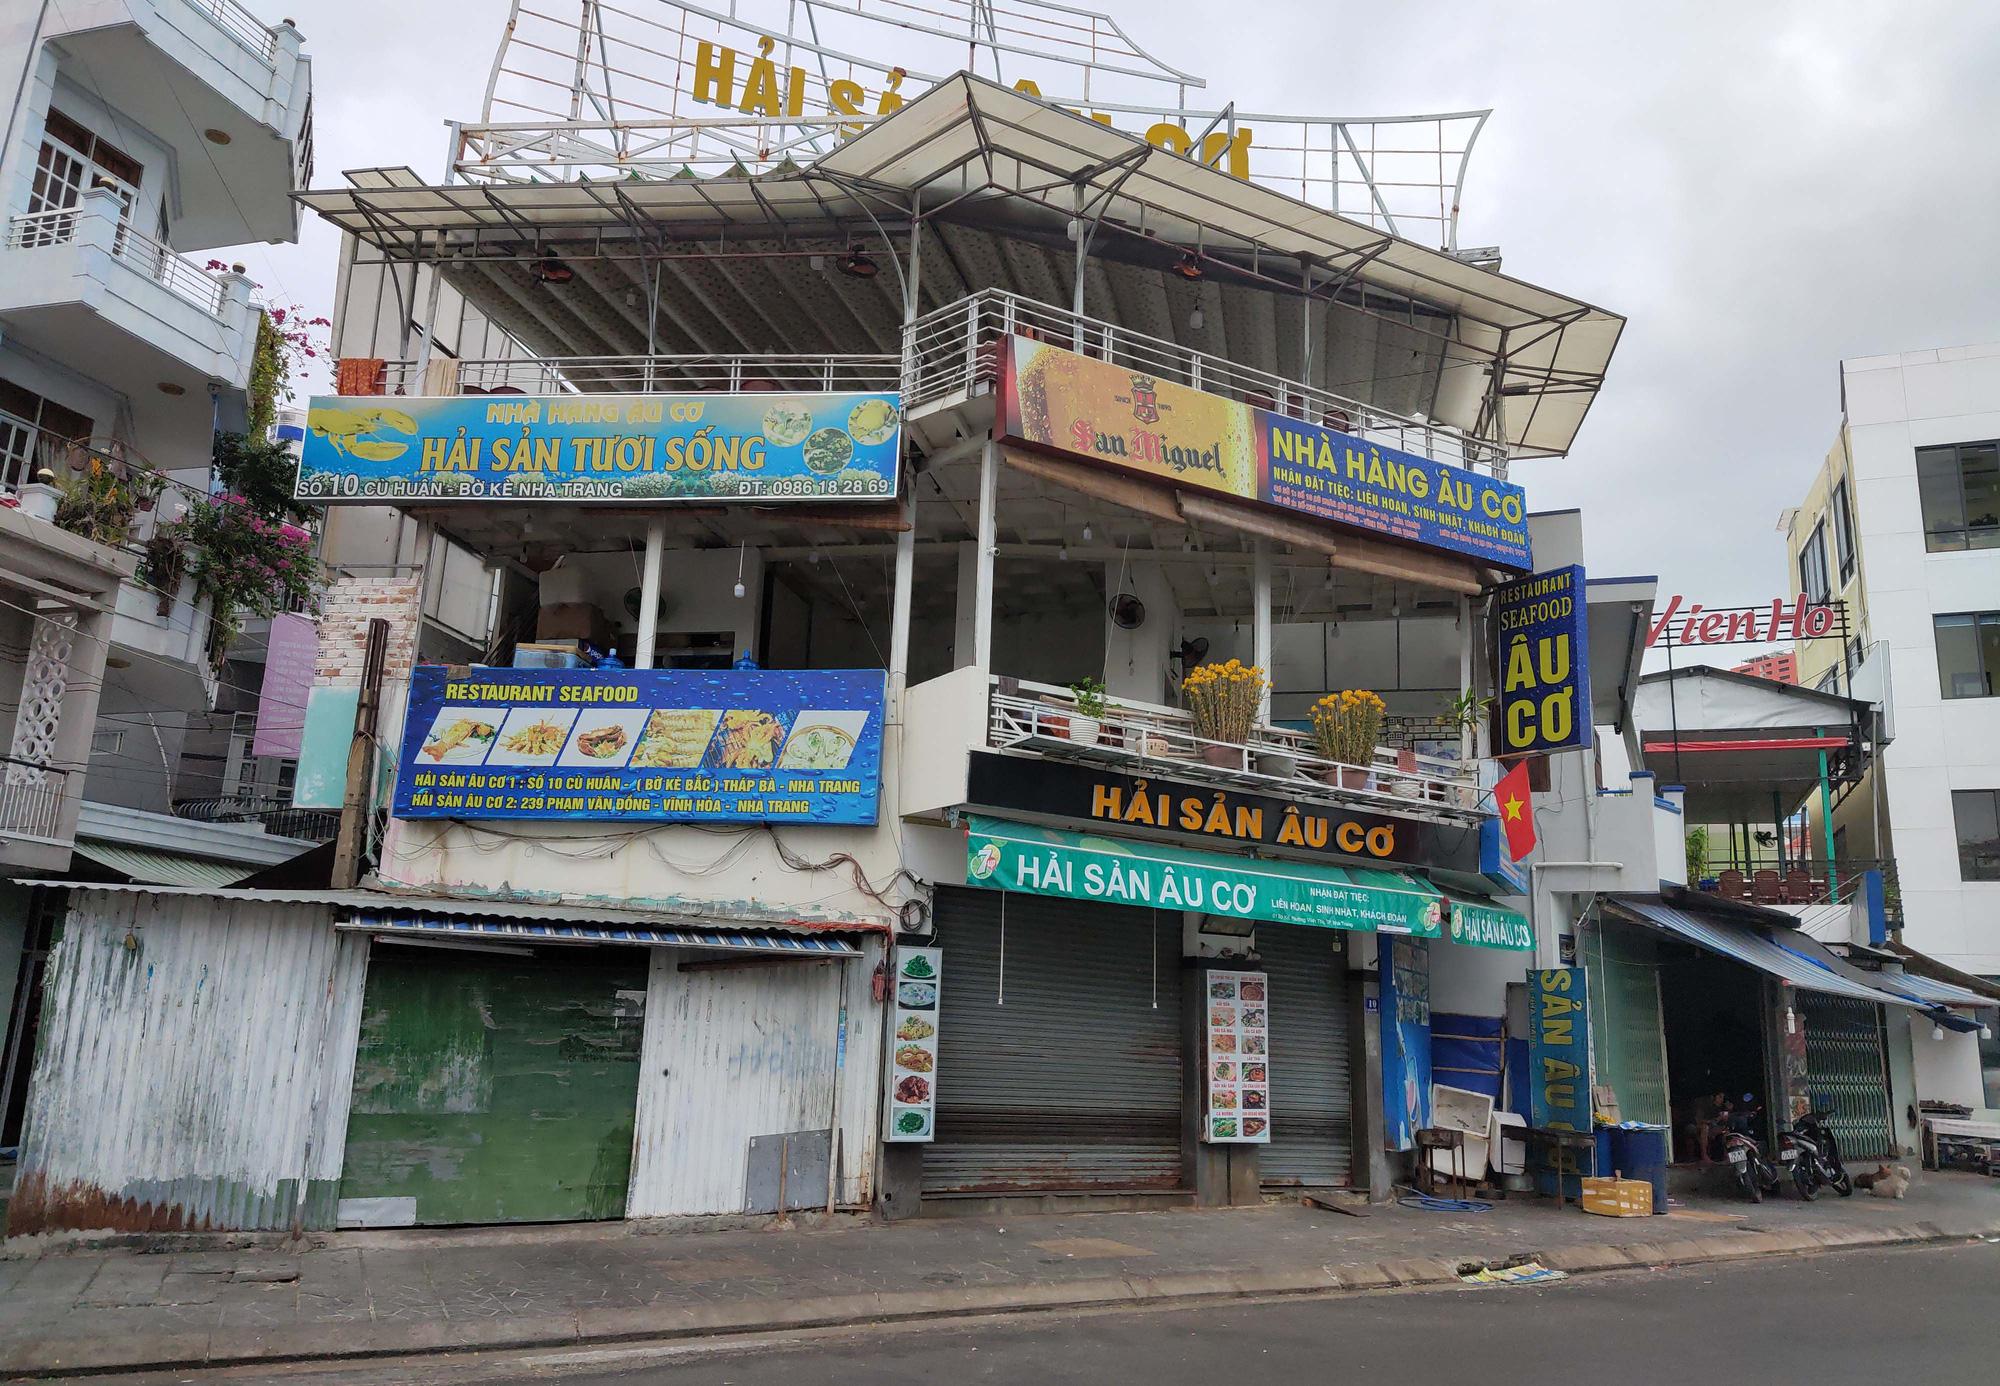 Nha Trang: Phố hải sản đìu hiu, hàng loạt nhà hàng đóng cửa trong đại dịch corona  - Ảnh 4.